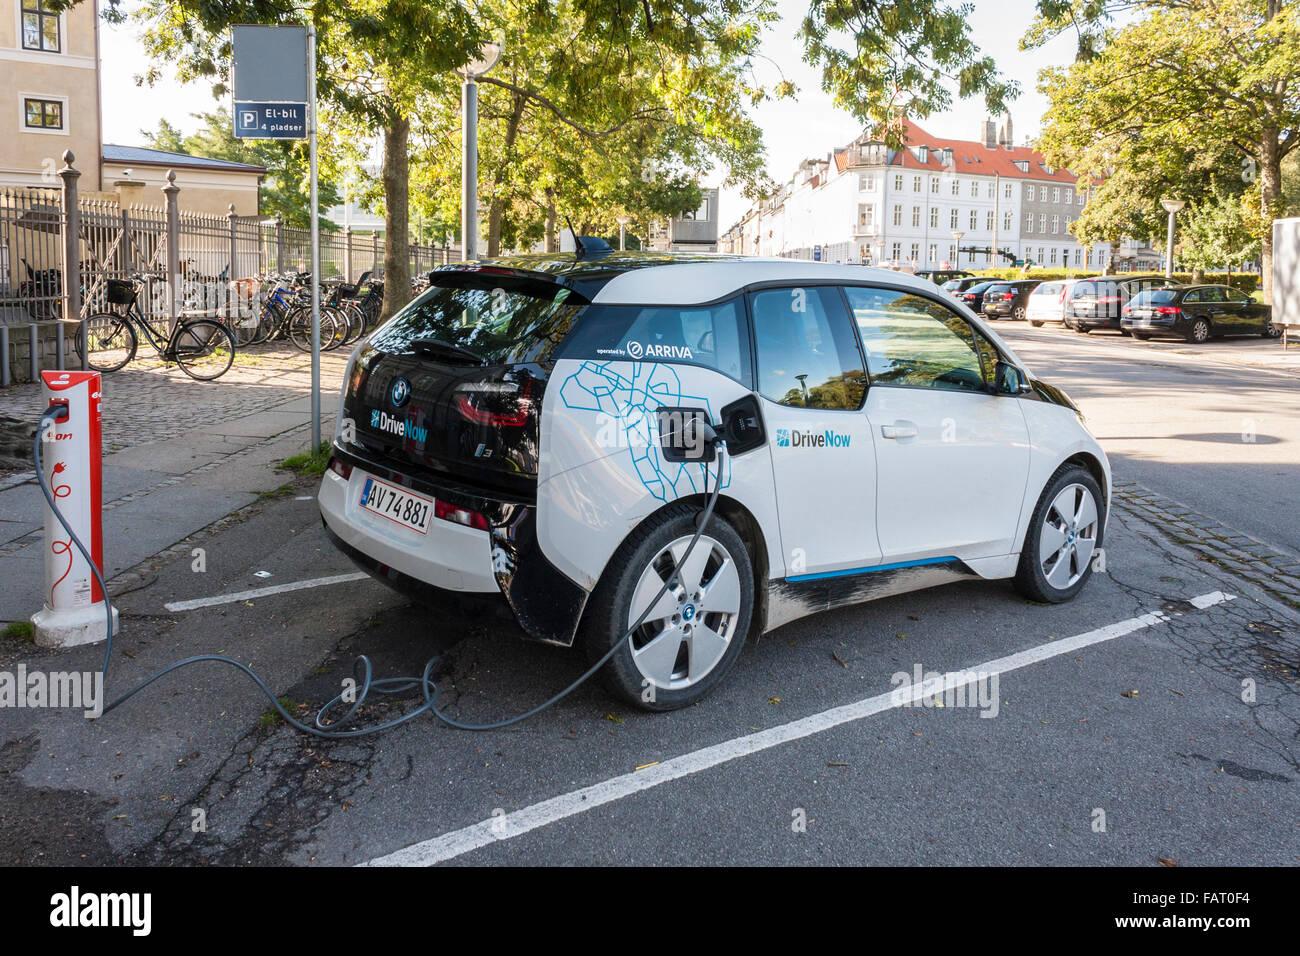 La BMW i3 voiture électrique sur rue. Copenhague, Danemark, Europe. Photo Stock